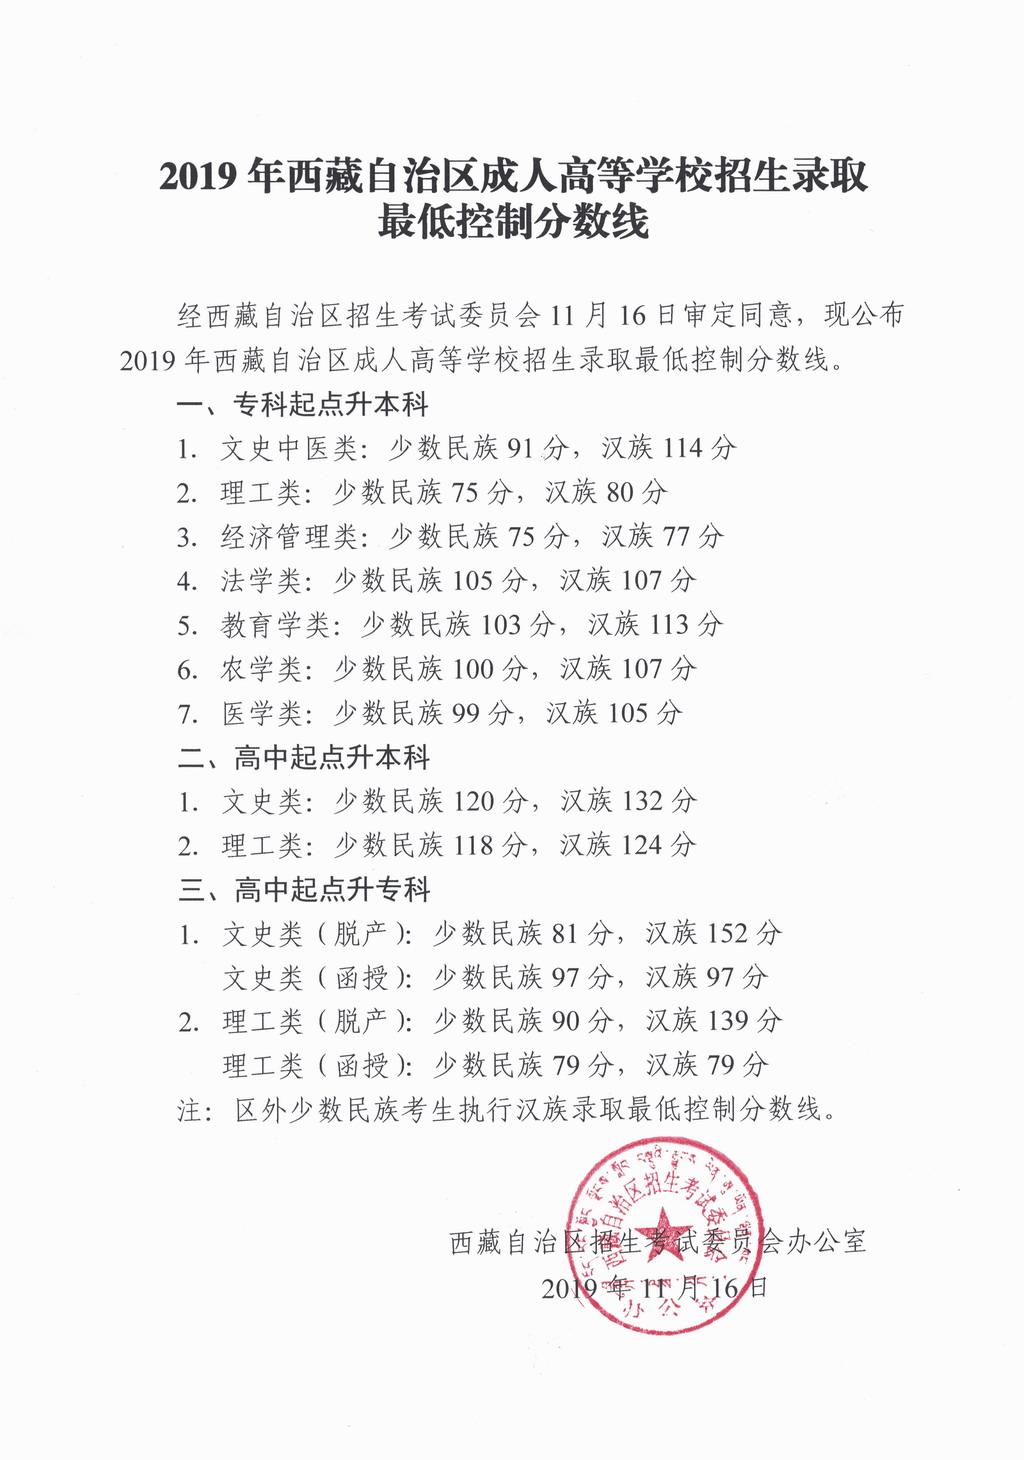 2019年西藏成人高考录取分数线已公布